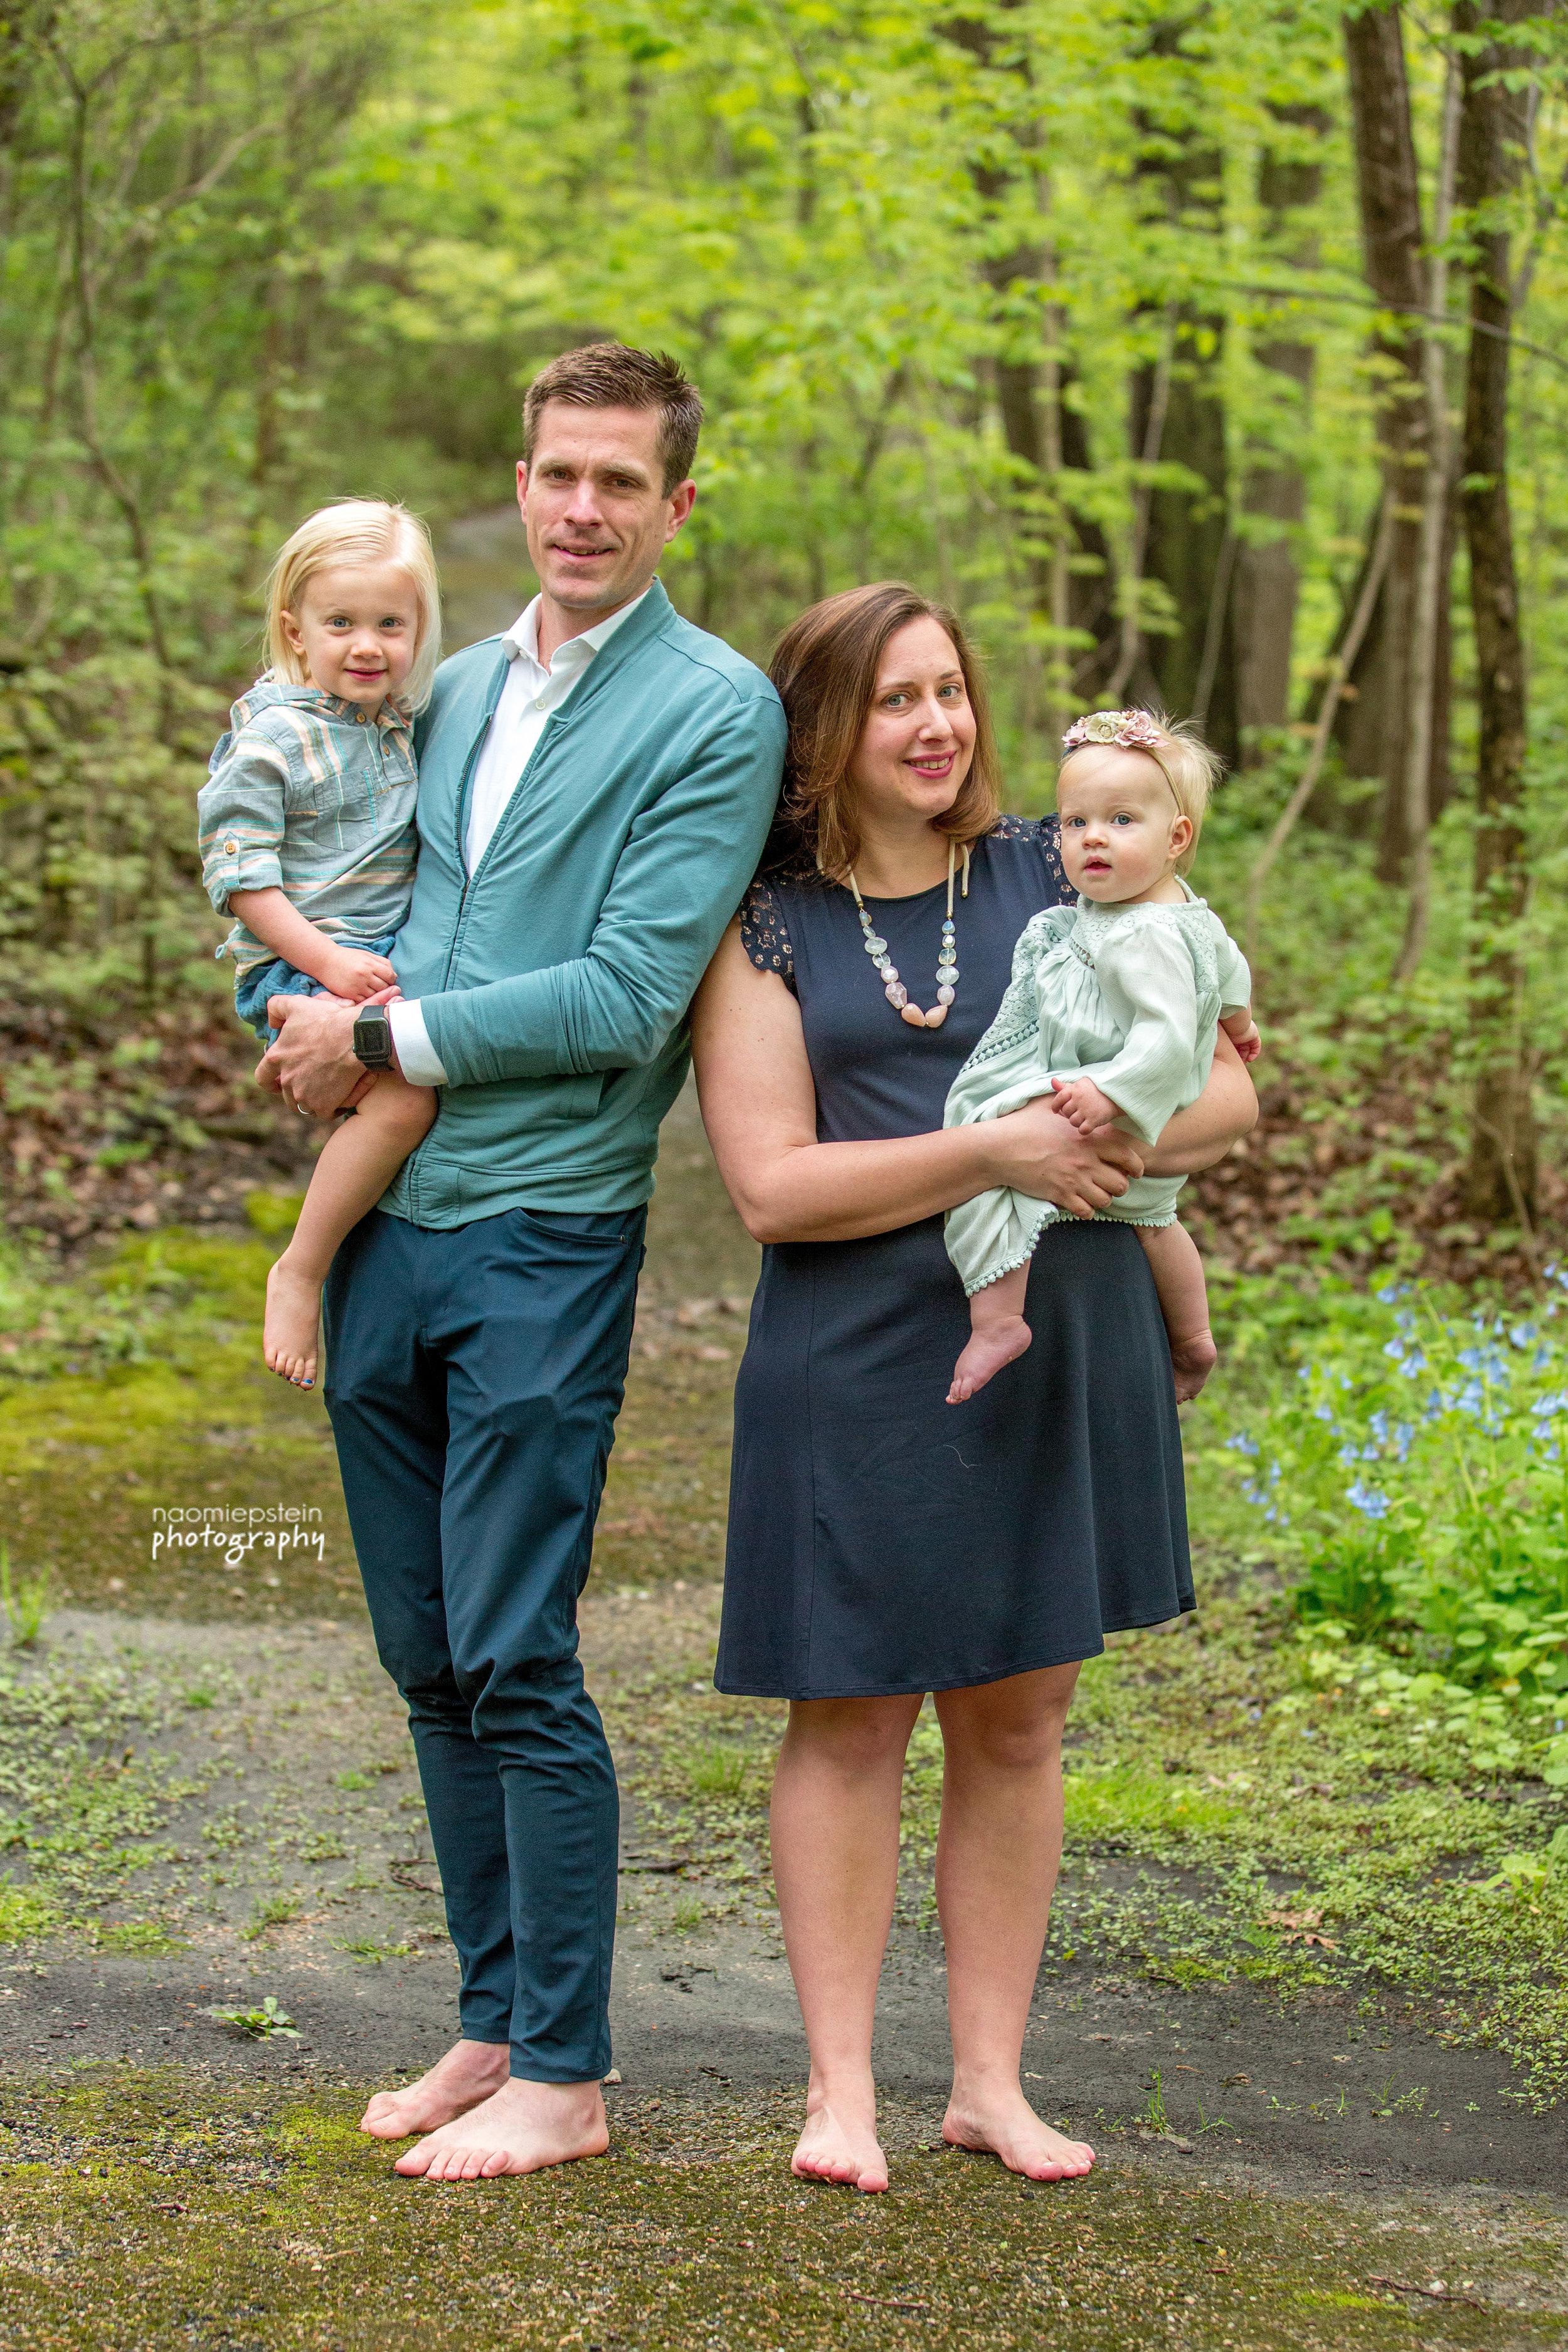 Highland_Park_Illinois_Family_Photographer3.jpg